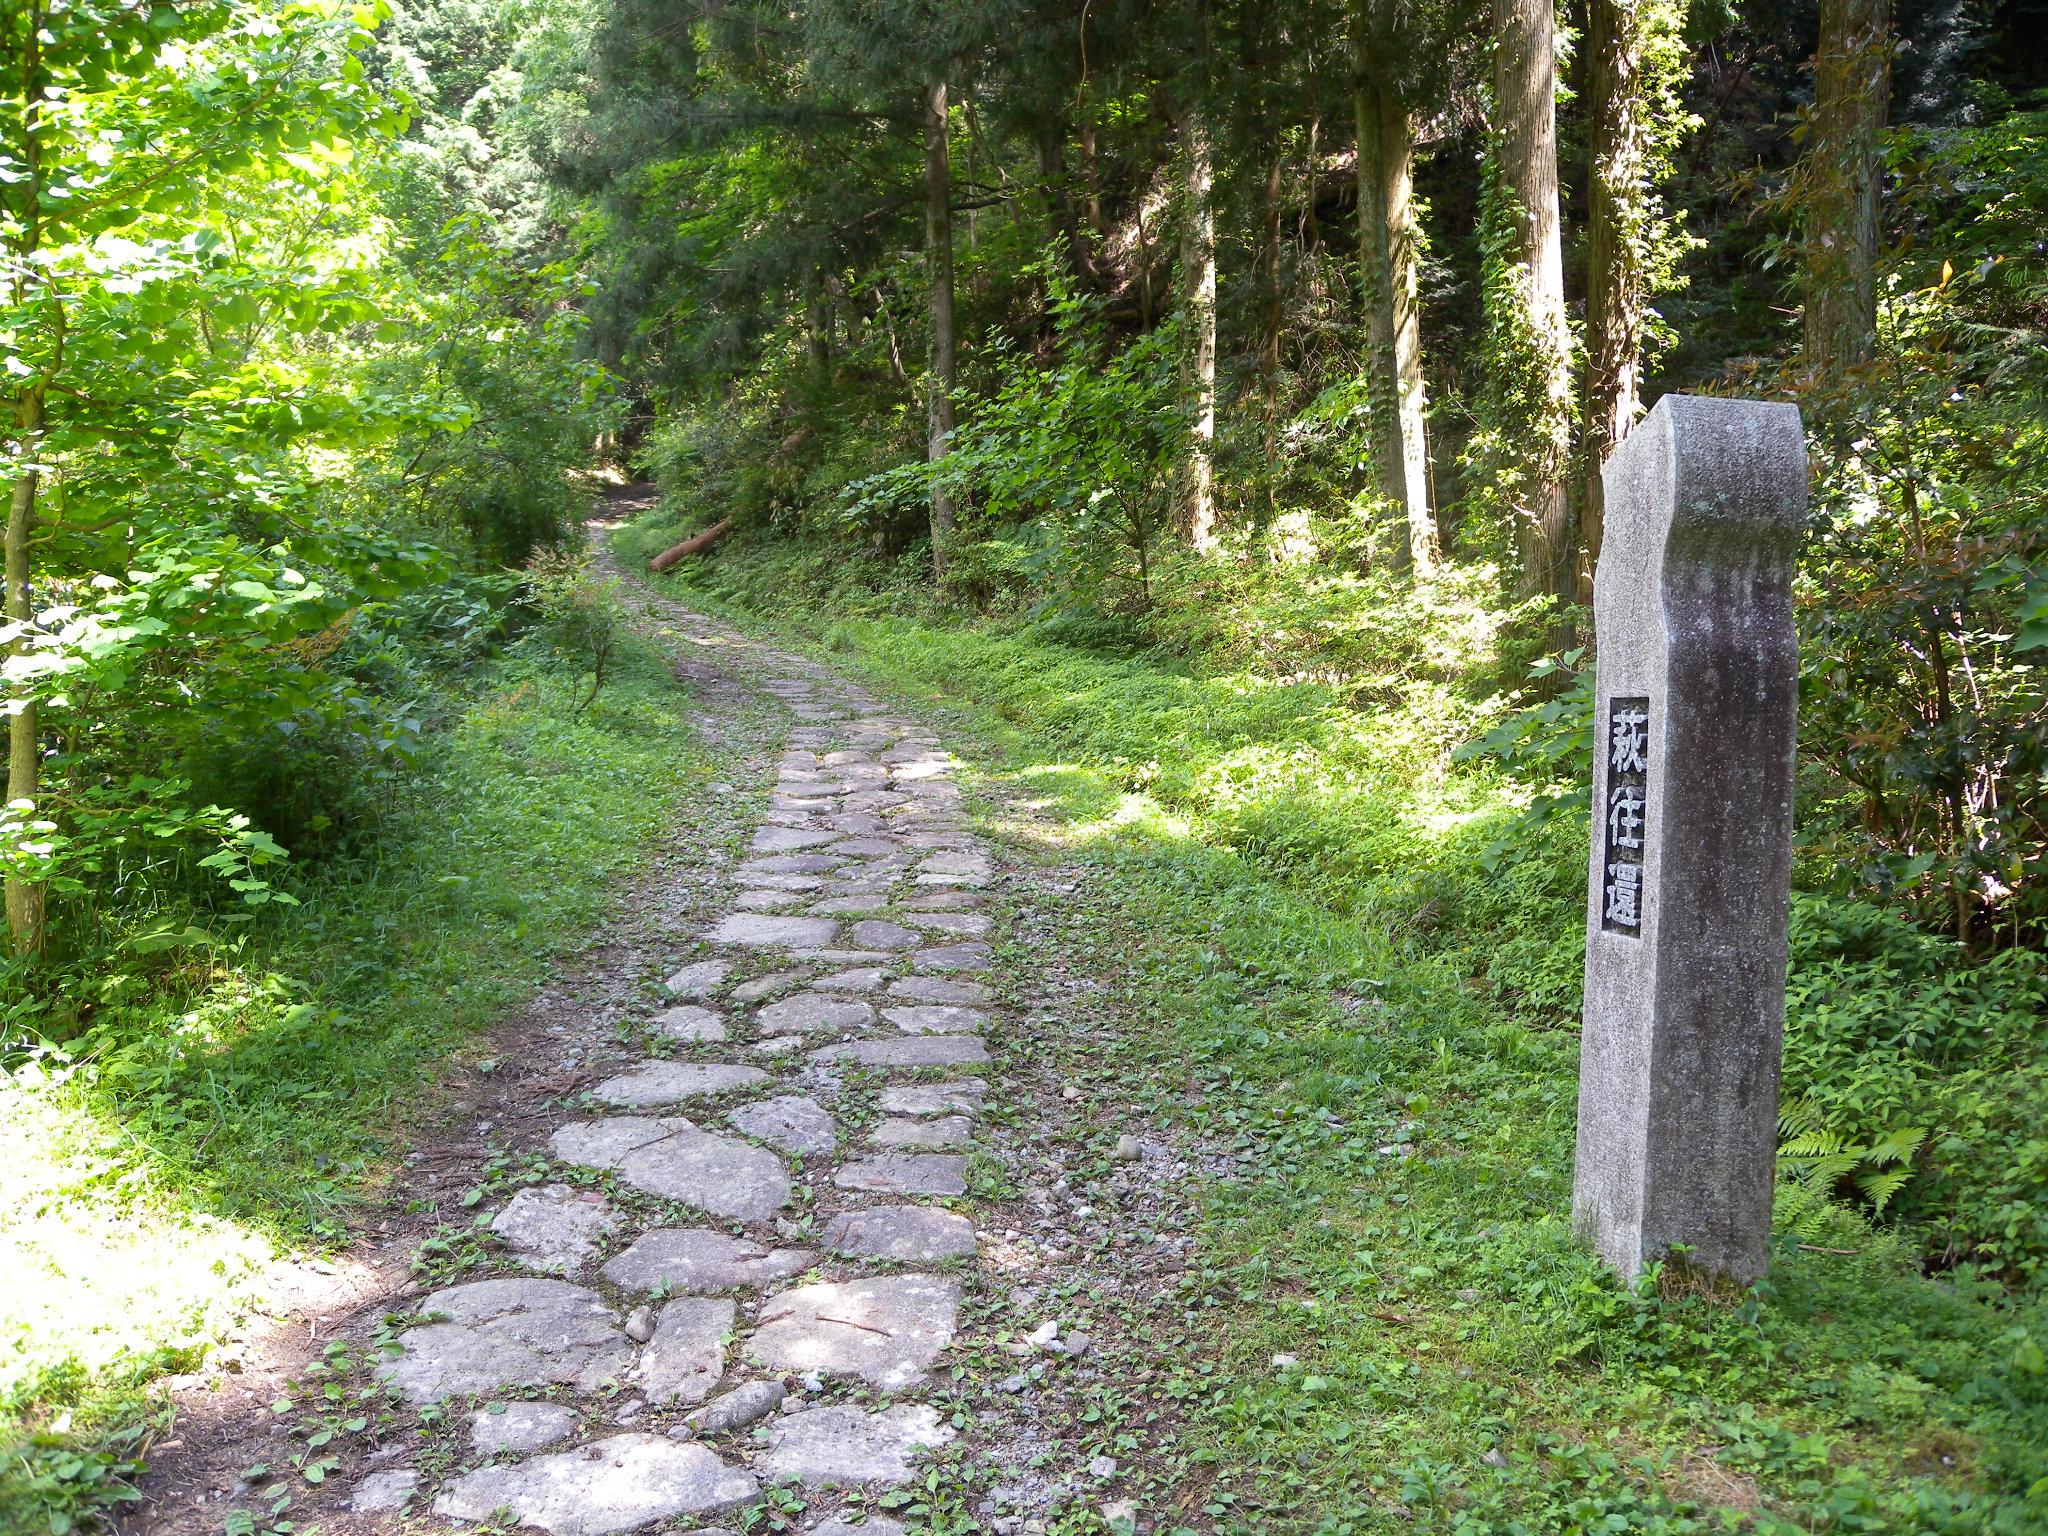 語り部と歩く萩往還(はぎおうかん)ロングトレイル53km 4日間